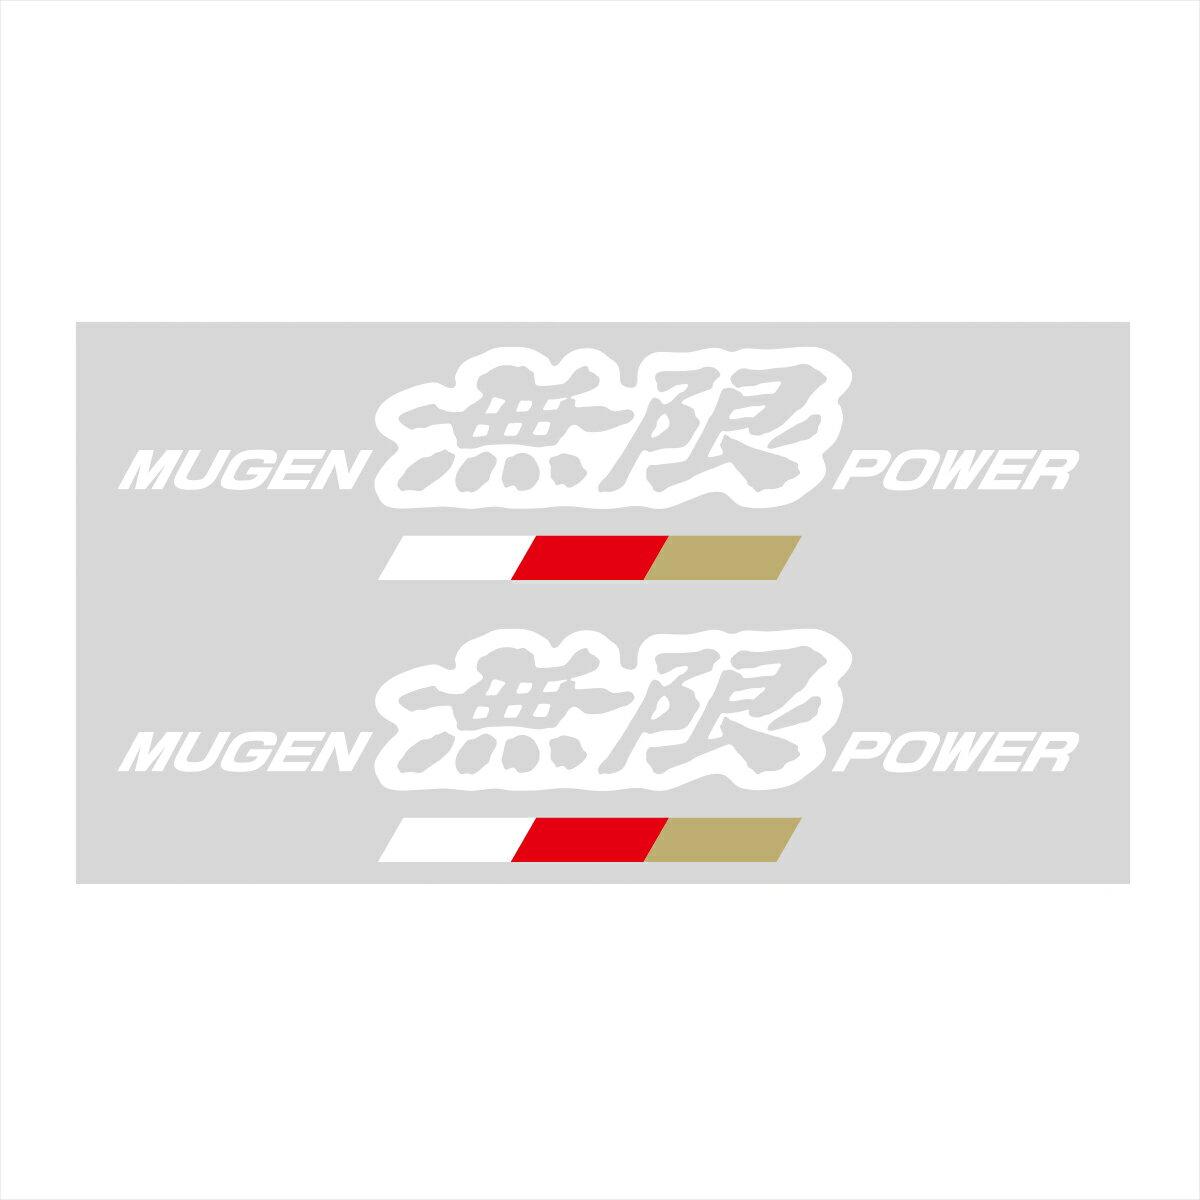 MUGEN POWER STICKER A SIZE:M